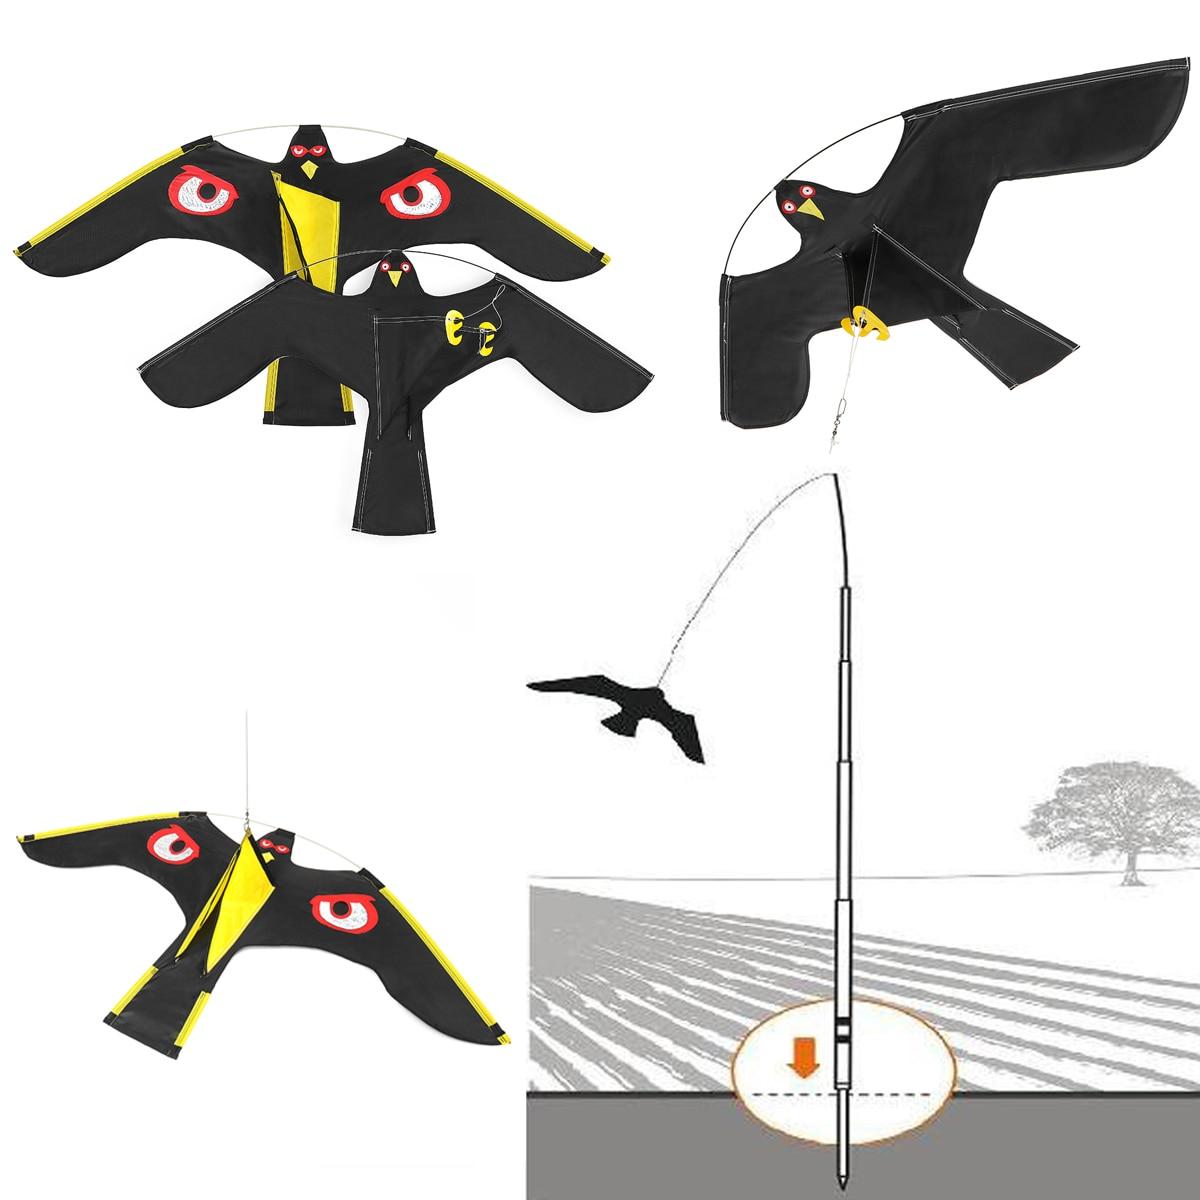 NEUE Emulation Fliegen Hawk Vogel Scarer Stick Vogel Kite Für Garten Scarecrow Yard Startseite